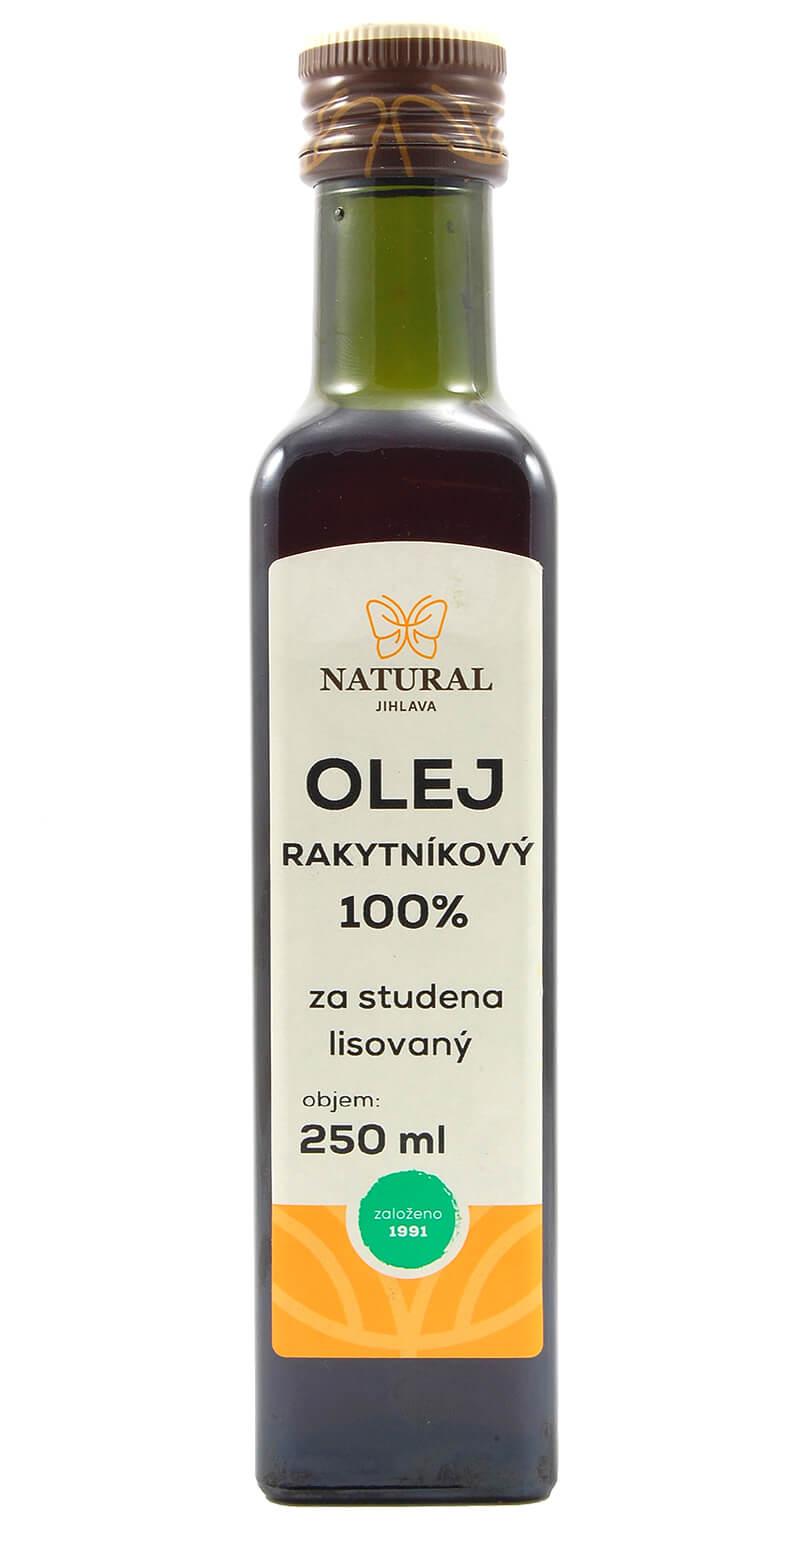 Natural Jihlava Rakytníkový olej 100% 250ml